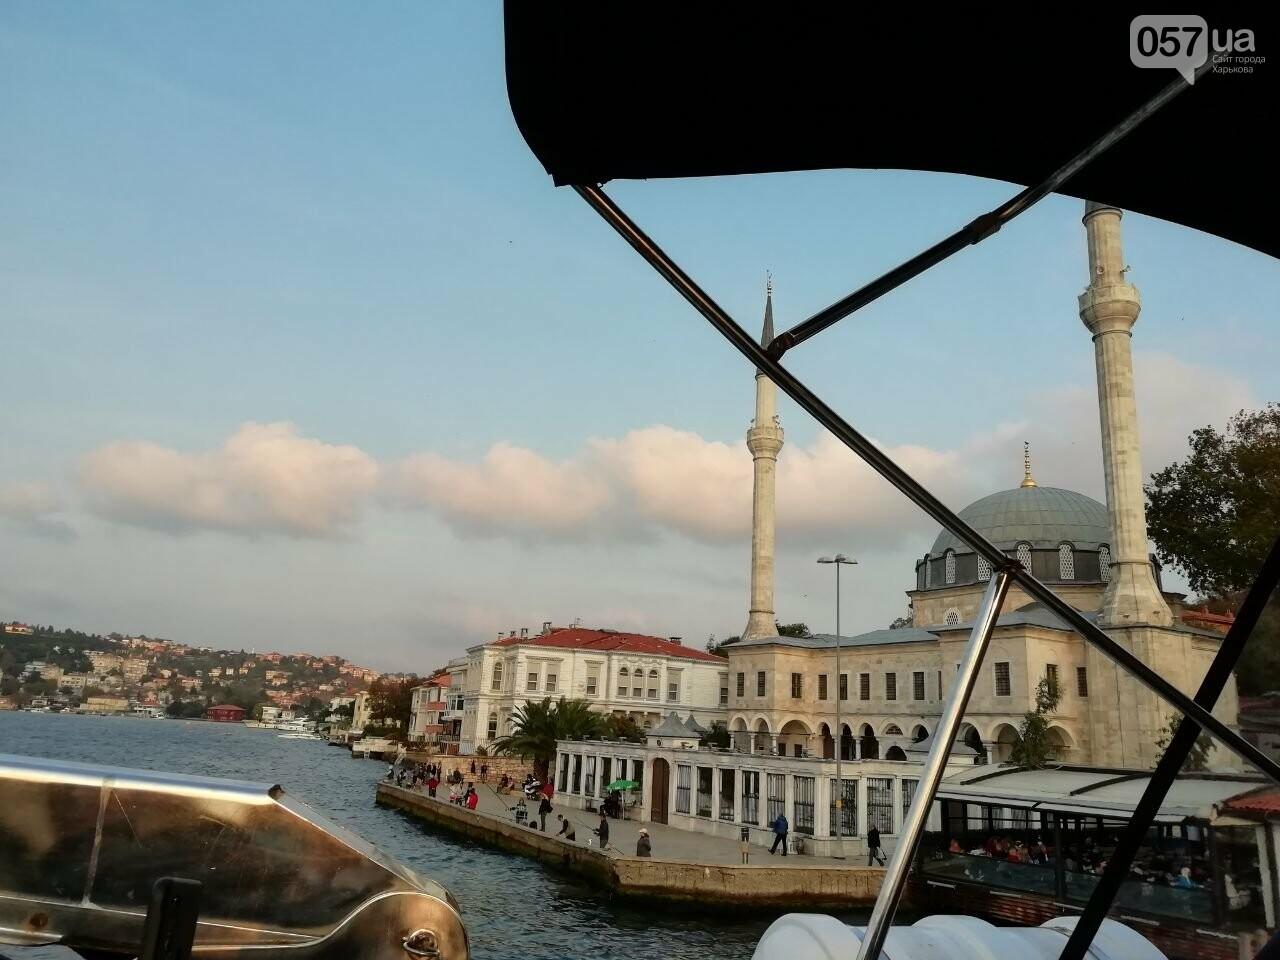 Из Харькова в Стамбул. Как добраться, что попробовать и на что посмотреть в турецком городе, - ФОТО, фото-63